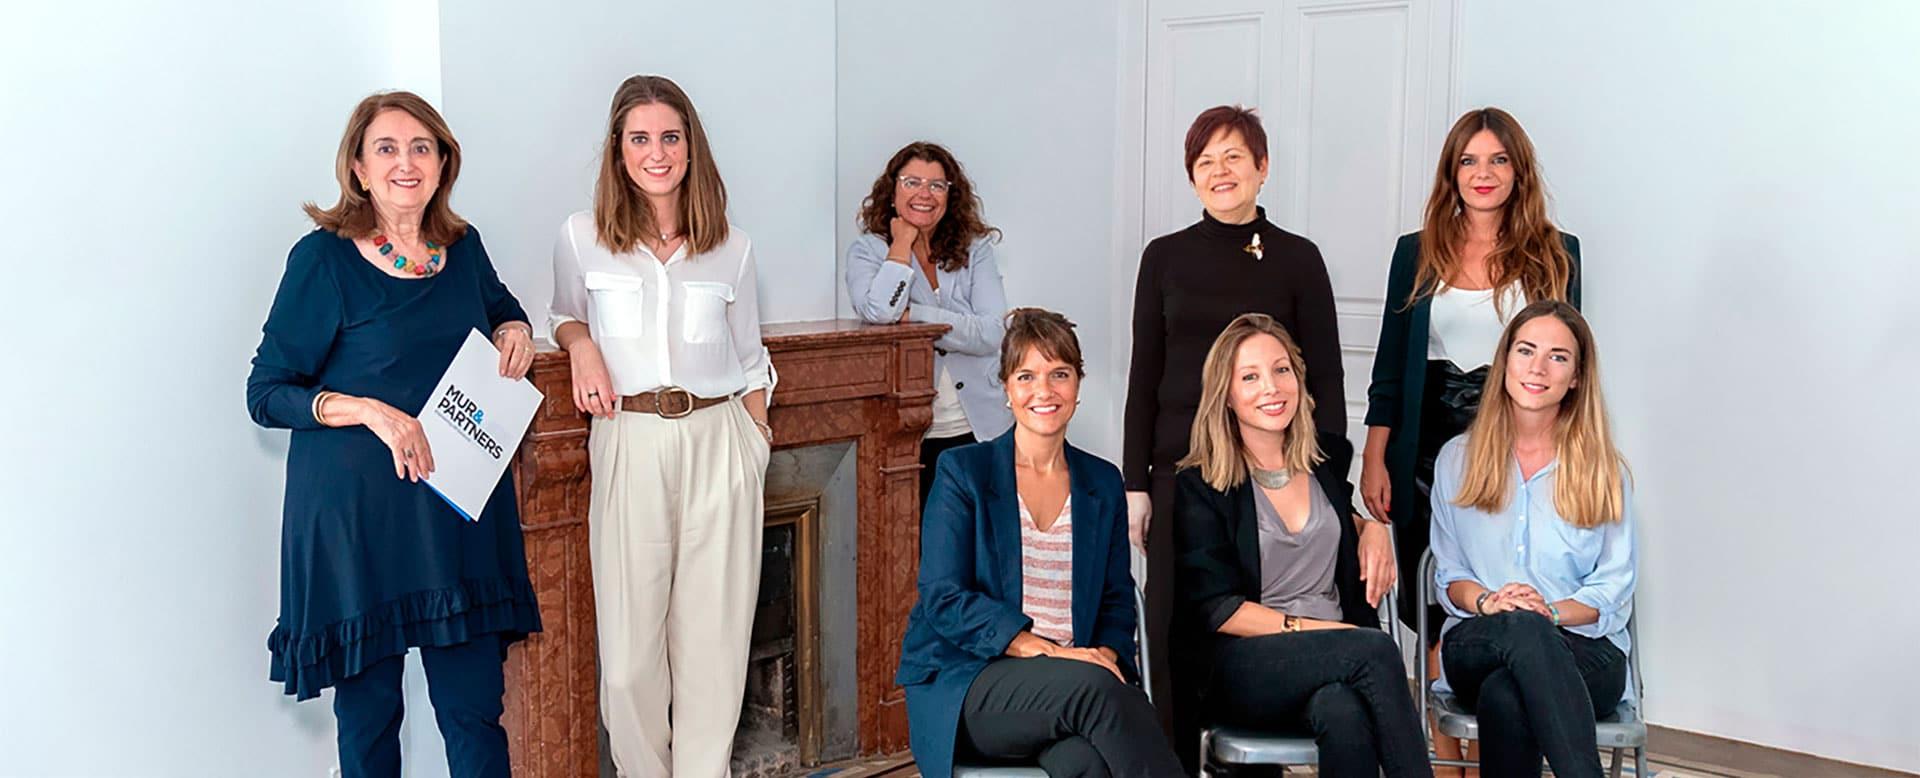 Consultoras de recursos humanos de Mur&Partners posando en su oficina de Barcelona.